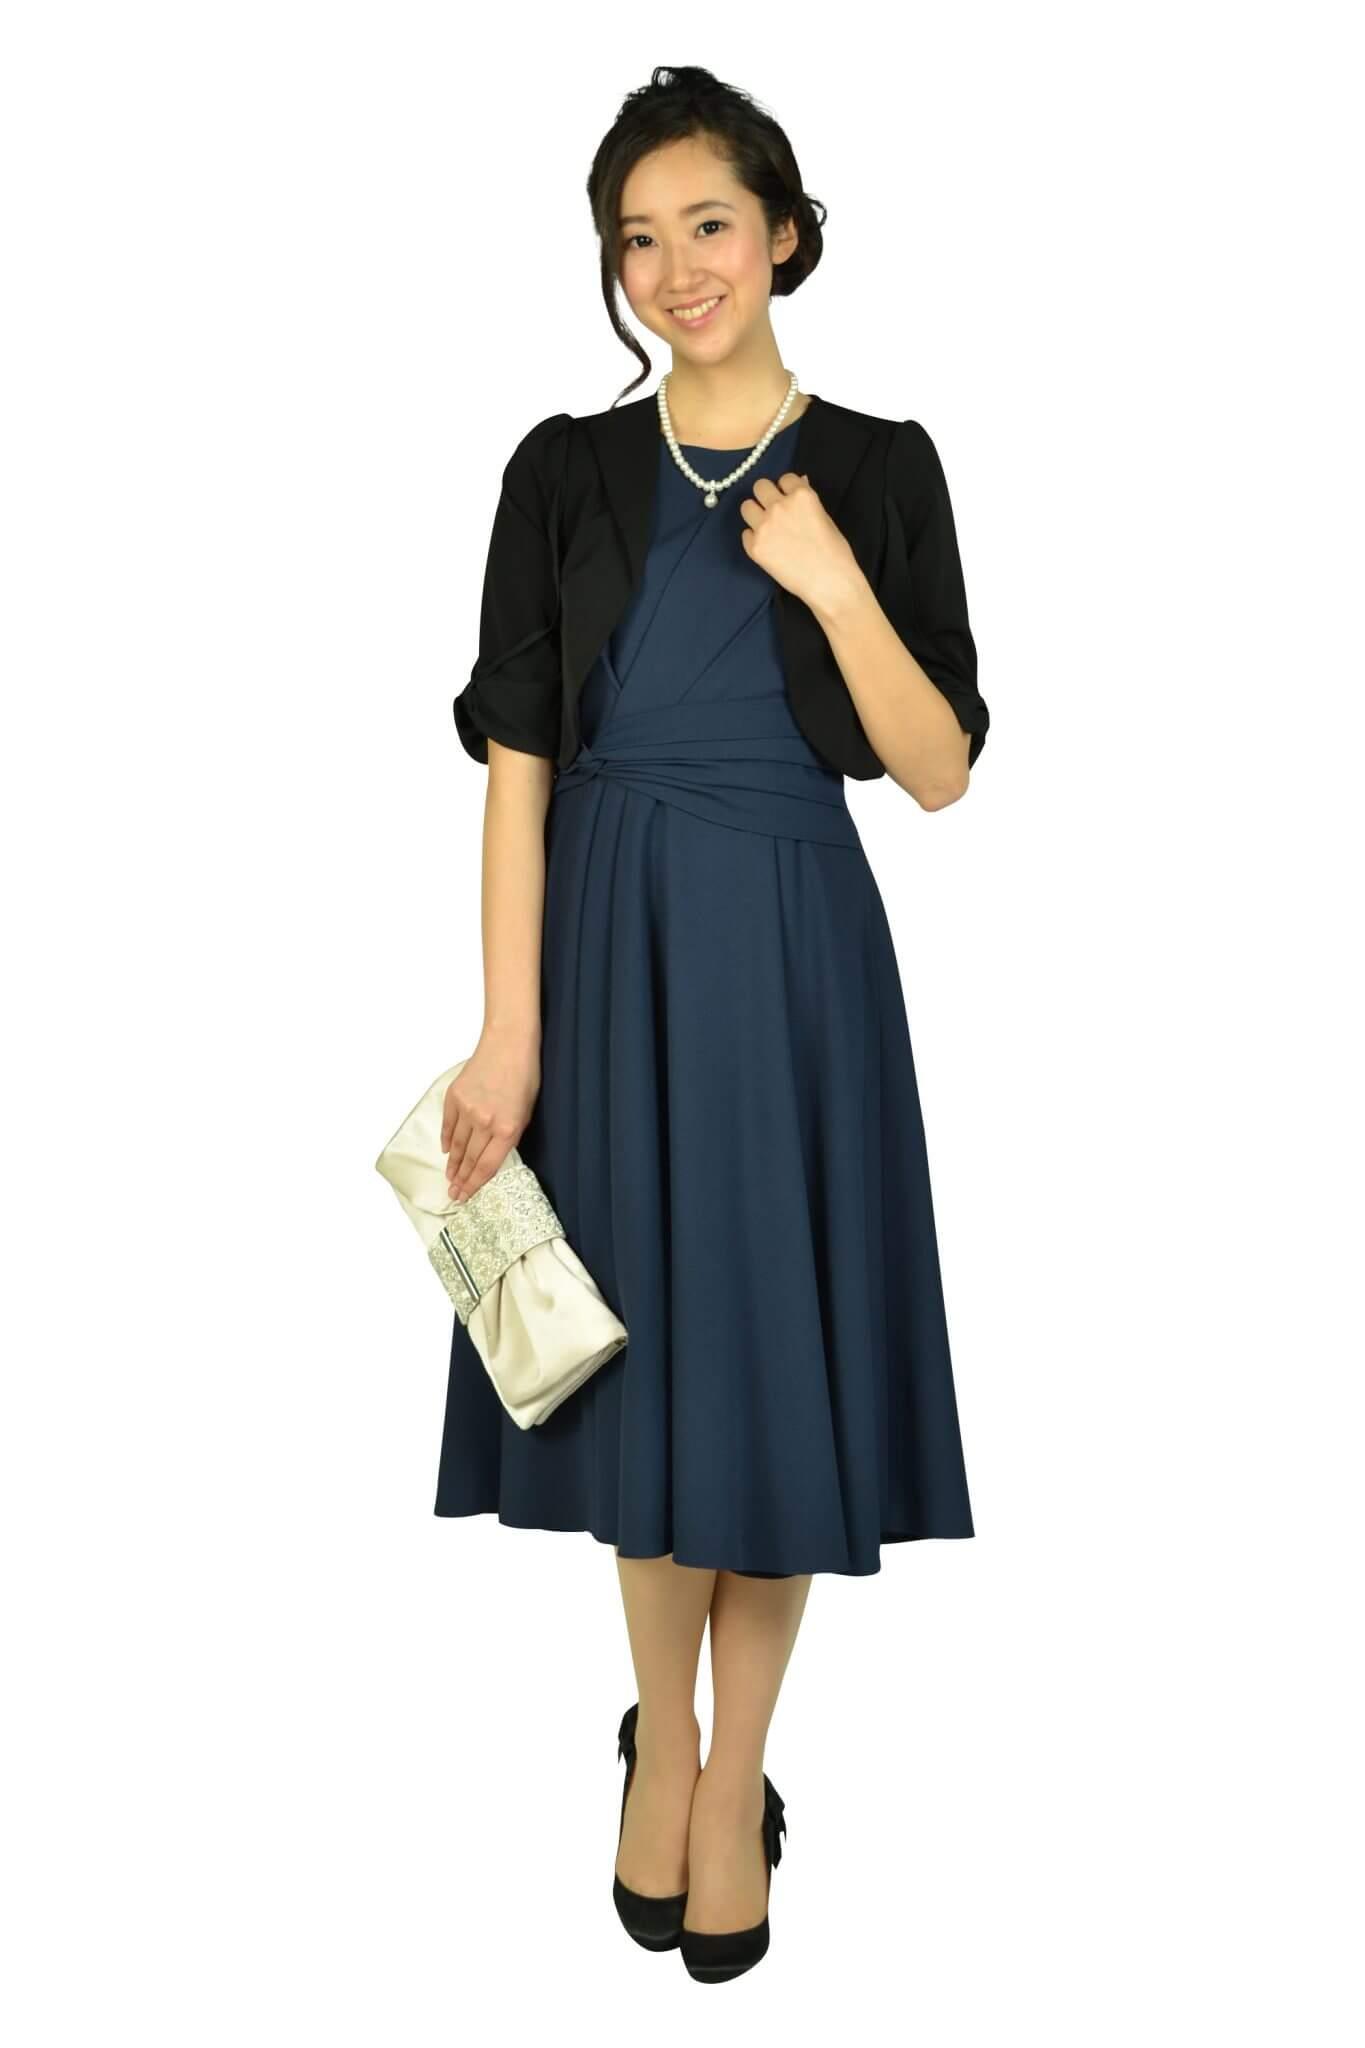 アナトリエ (anatelier)ウエストマーク編み上げネイビードレス